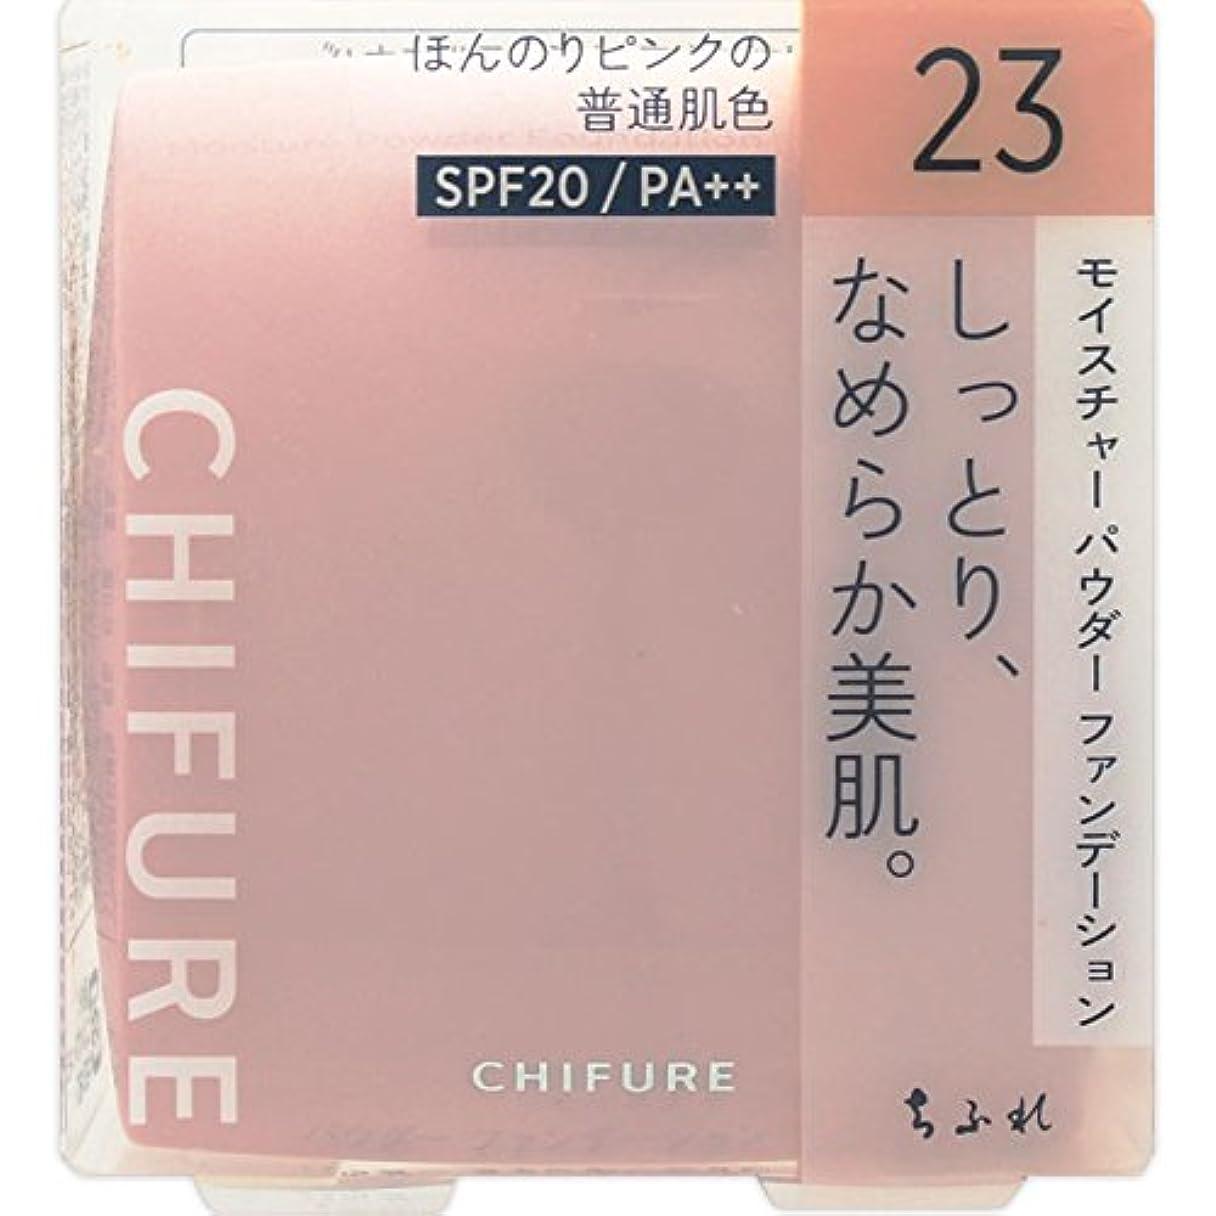 最少金曜日売上高ちふれ化粧品 モイスチャー パウダーファンデーション(スポンジ入り) 23 ピンクオークル系 MパウダーFD23